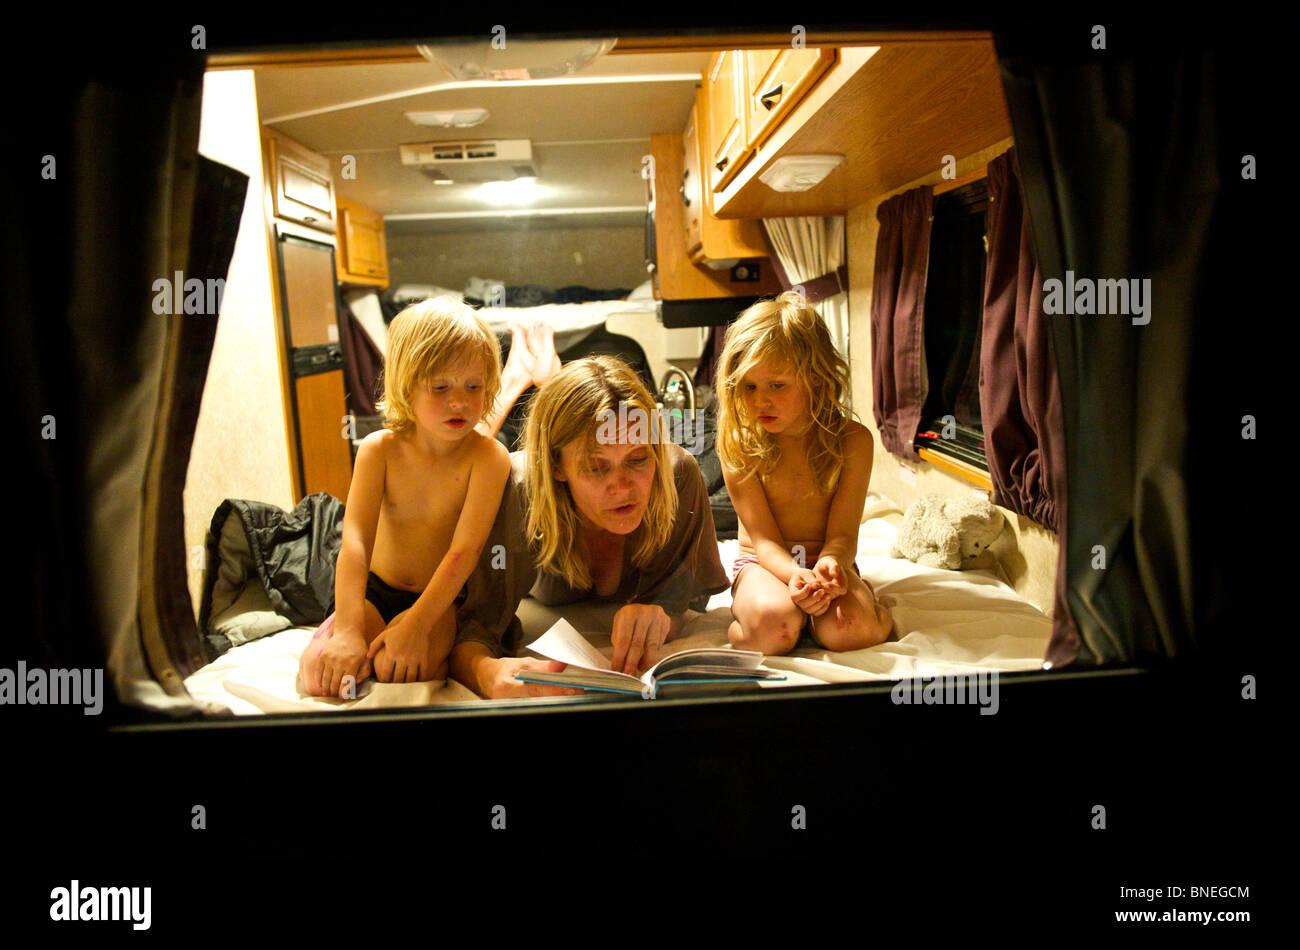 Mutter, lesen eine Gutenachtgeschichte für ihre Kinder in einem RV-Wohnmobil in Texas, USA Stockfoto